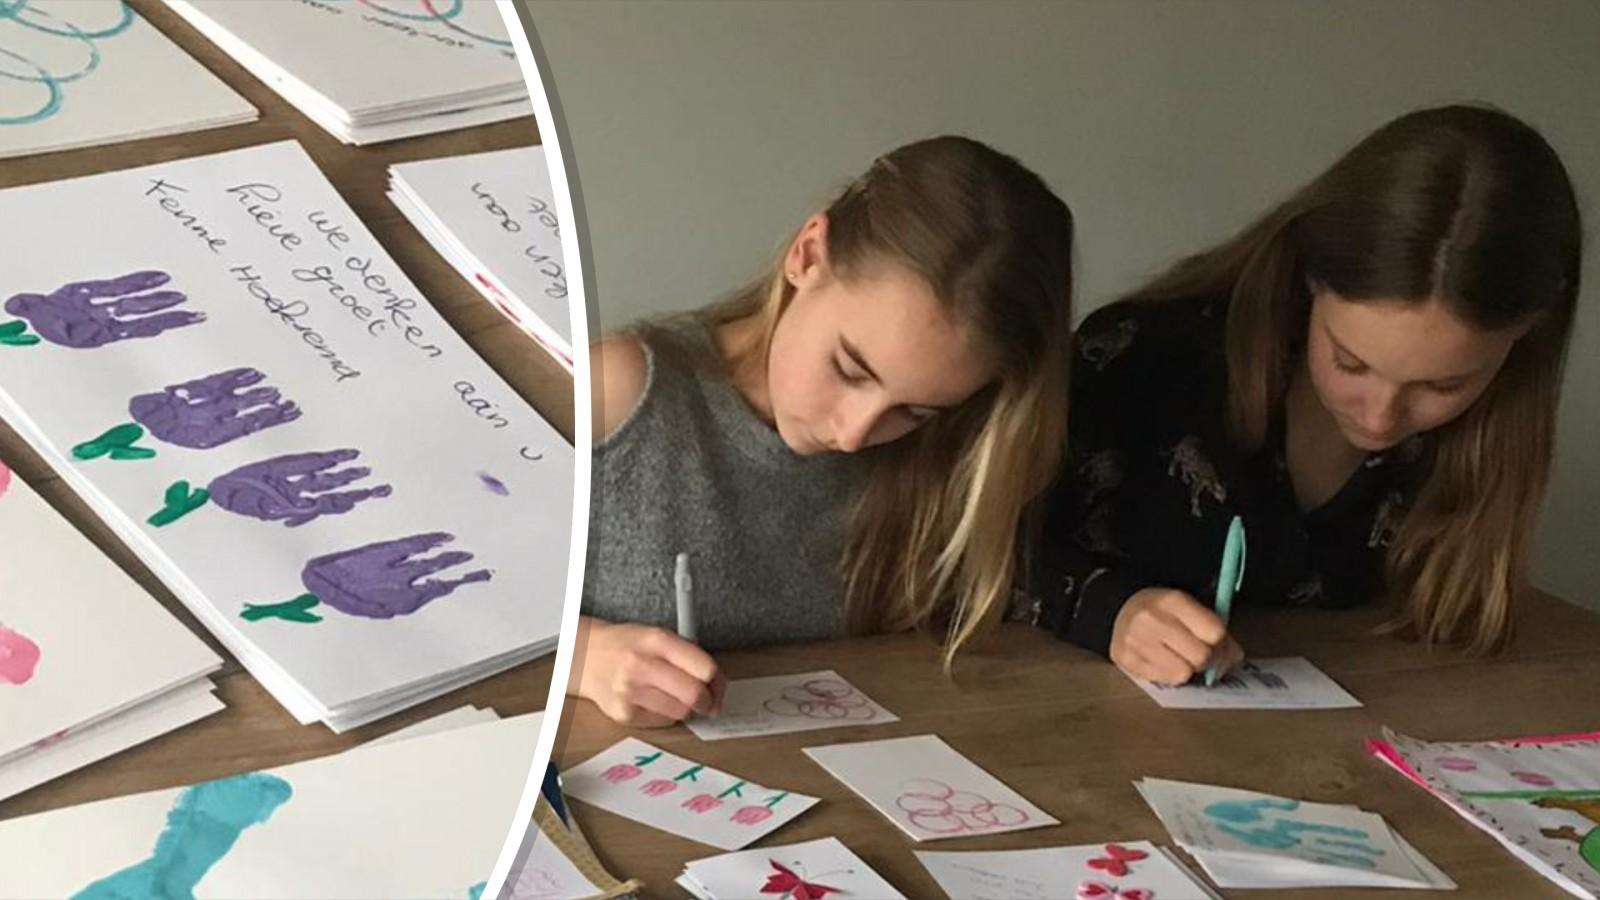 Jinte en haar zusje maken 500 kaarten voor ouderen in verzorgingstehuizen